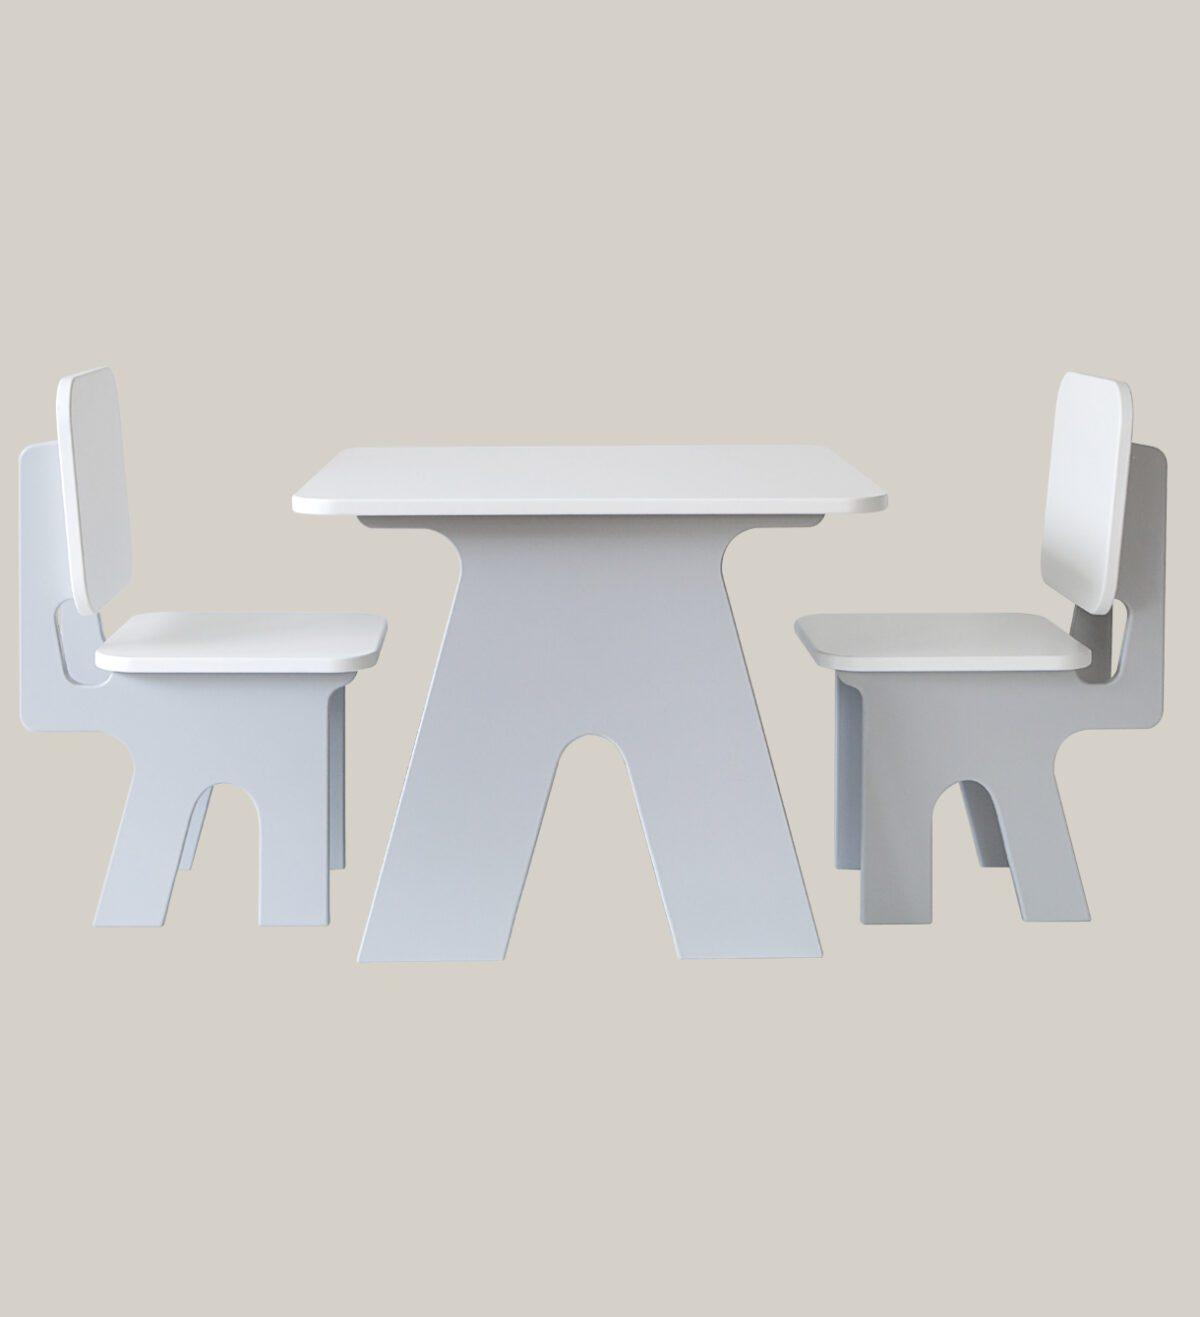 Kindertafeltje met stoeltjes set dipperdee grijs